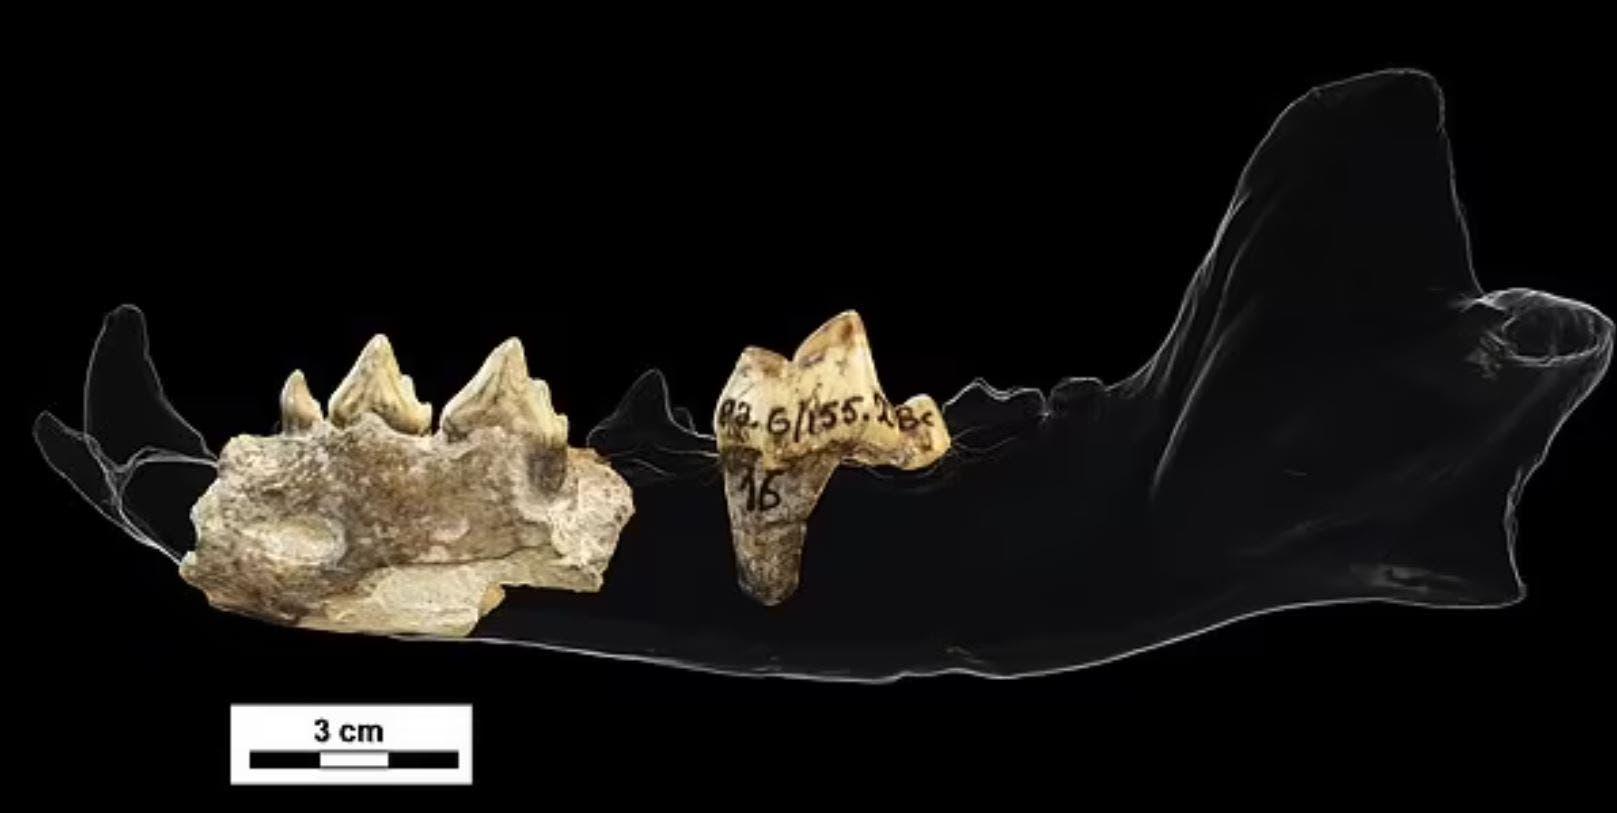 عظام الفك التي عثر عليها (ديلي ميل)